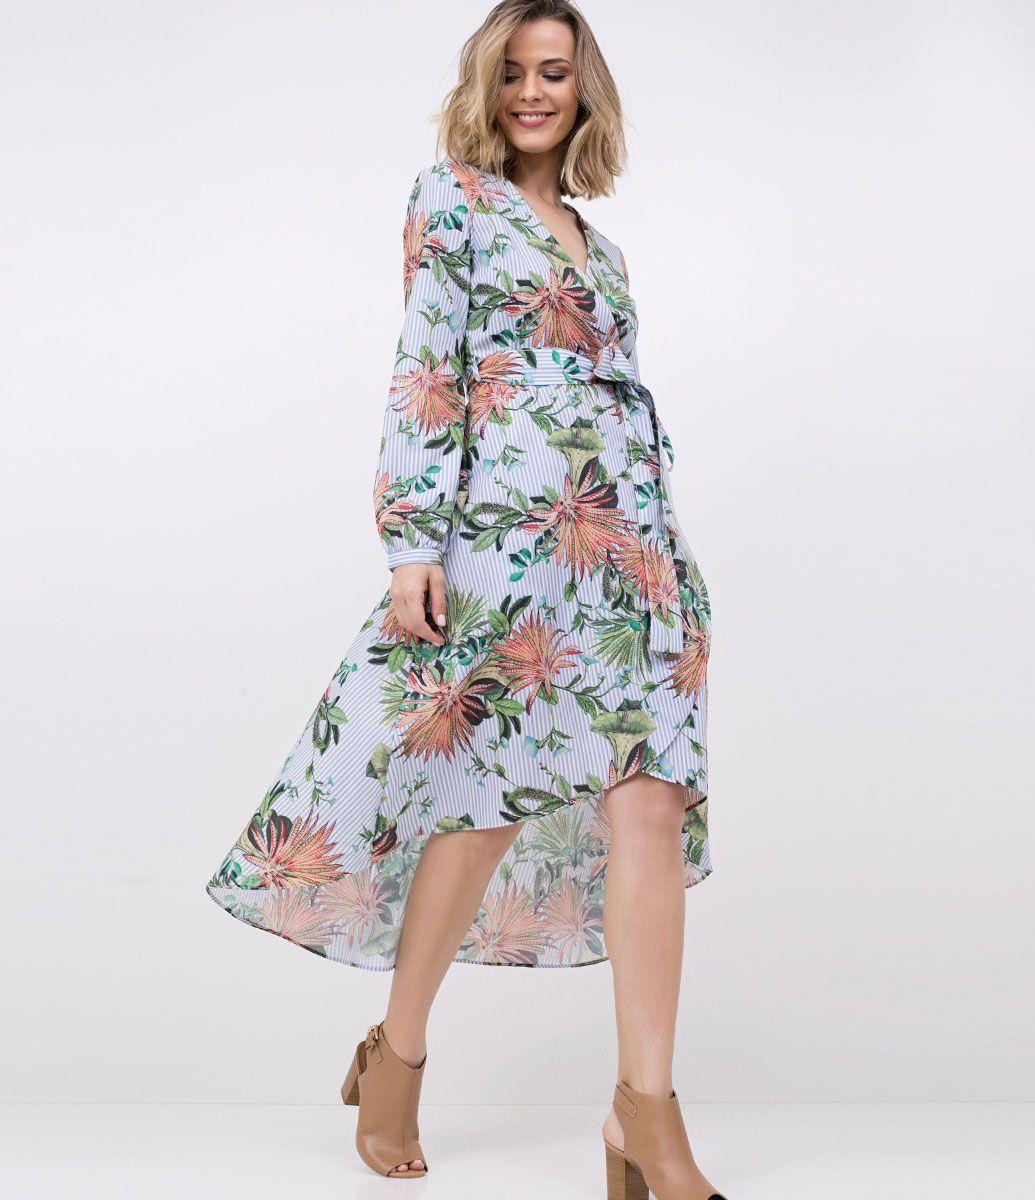 482719128 Vestido feminino Modelo Midi Manga longa Transpassado Amarração na cintura  Estampado floral Marca  Marfinno Tecido